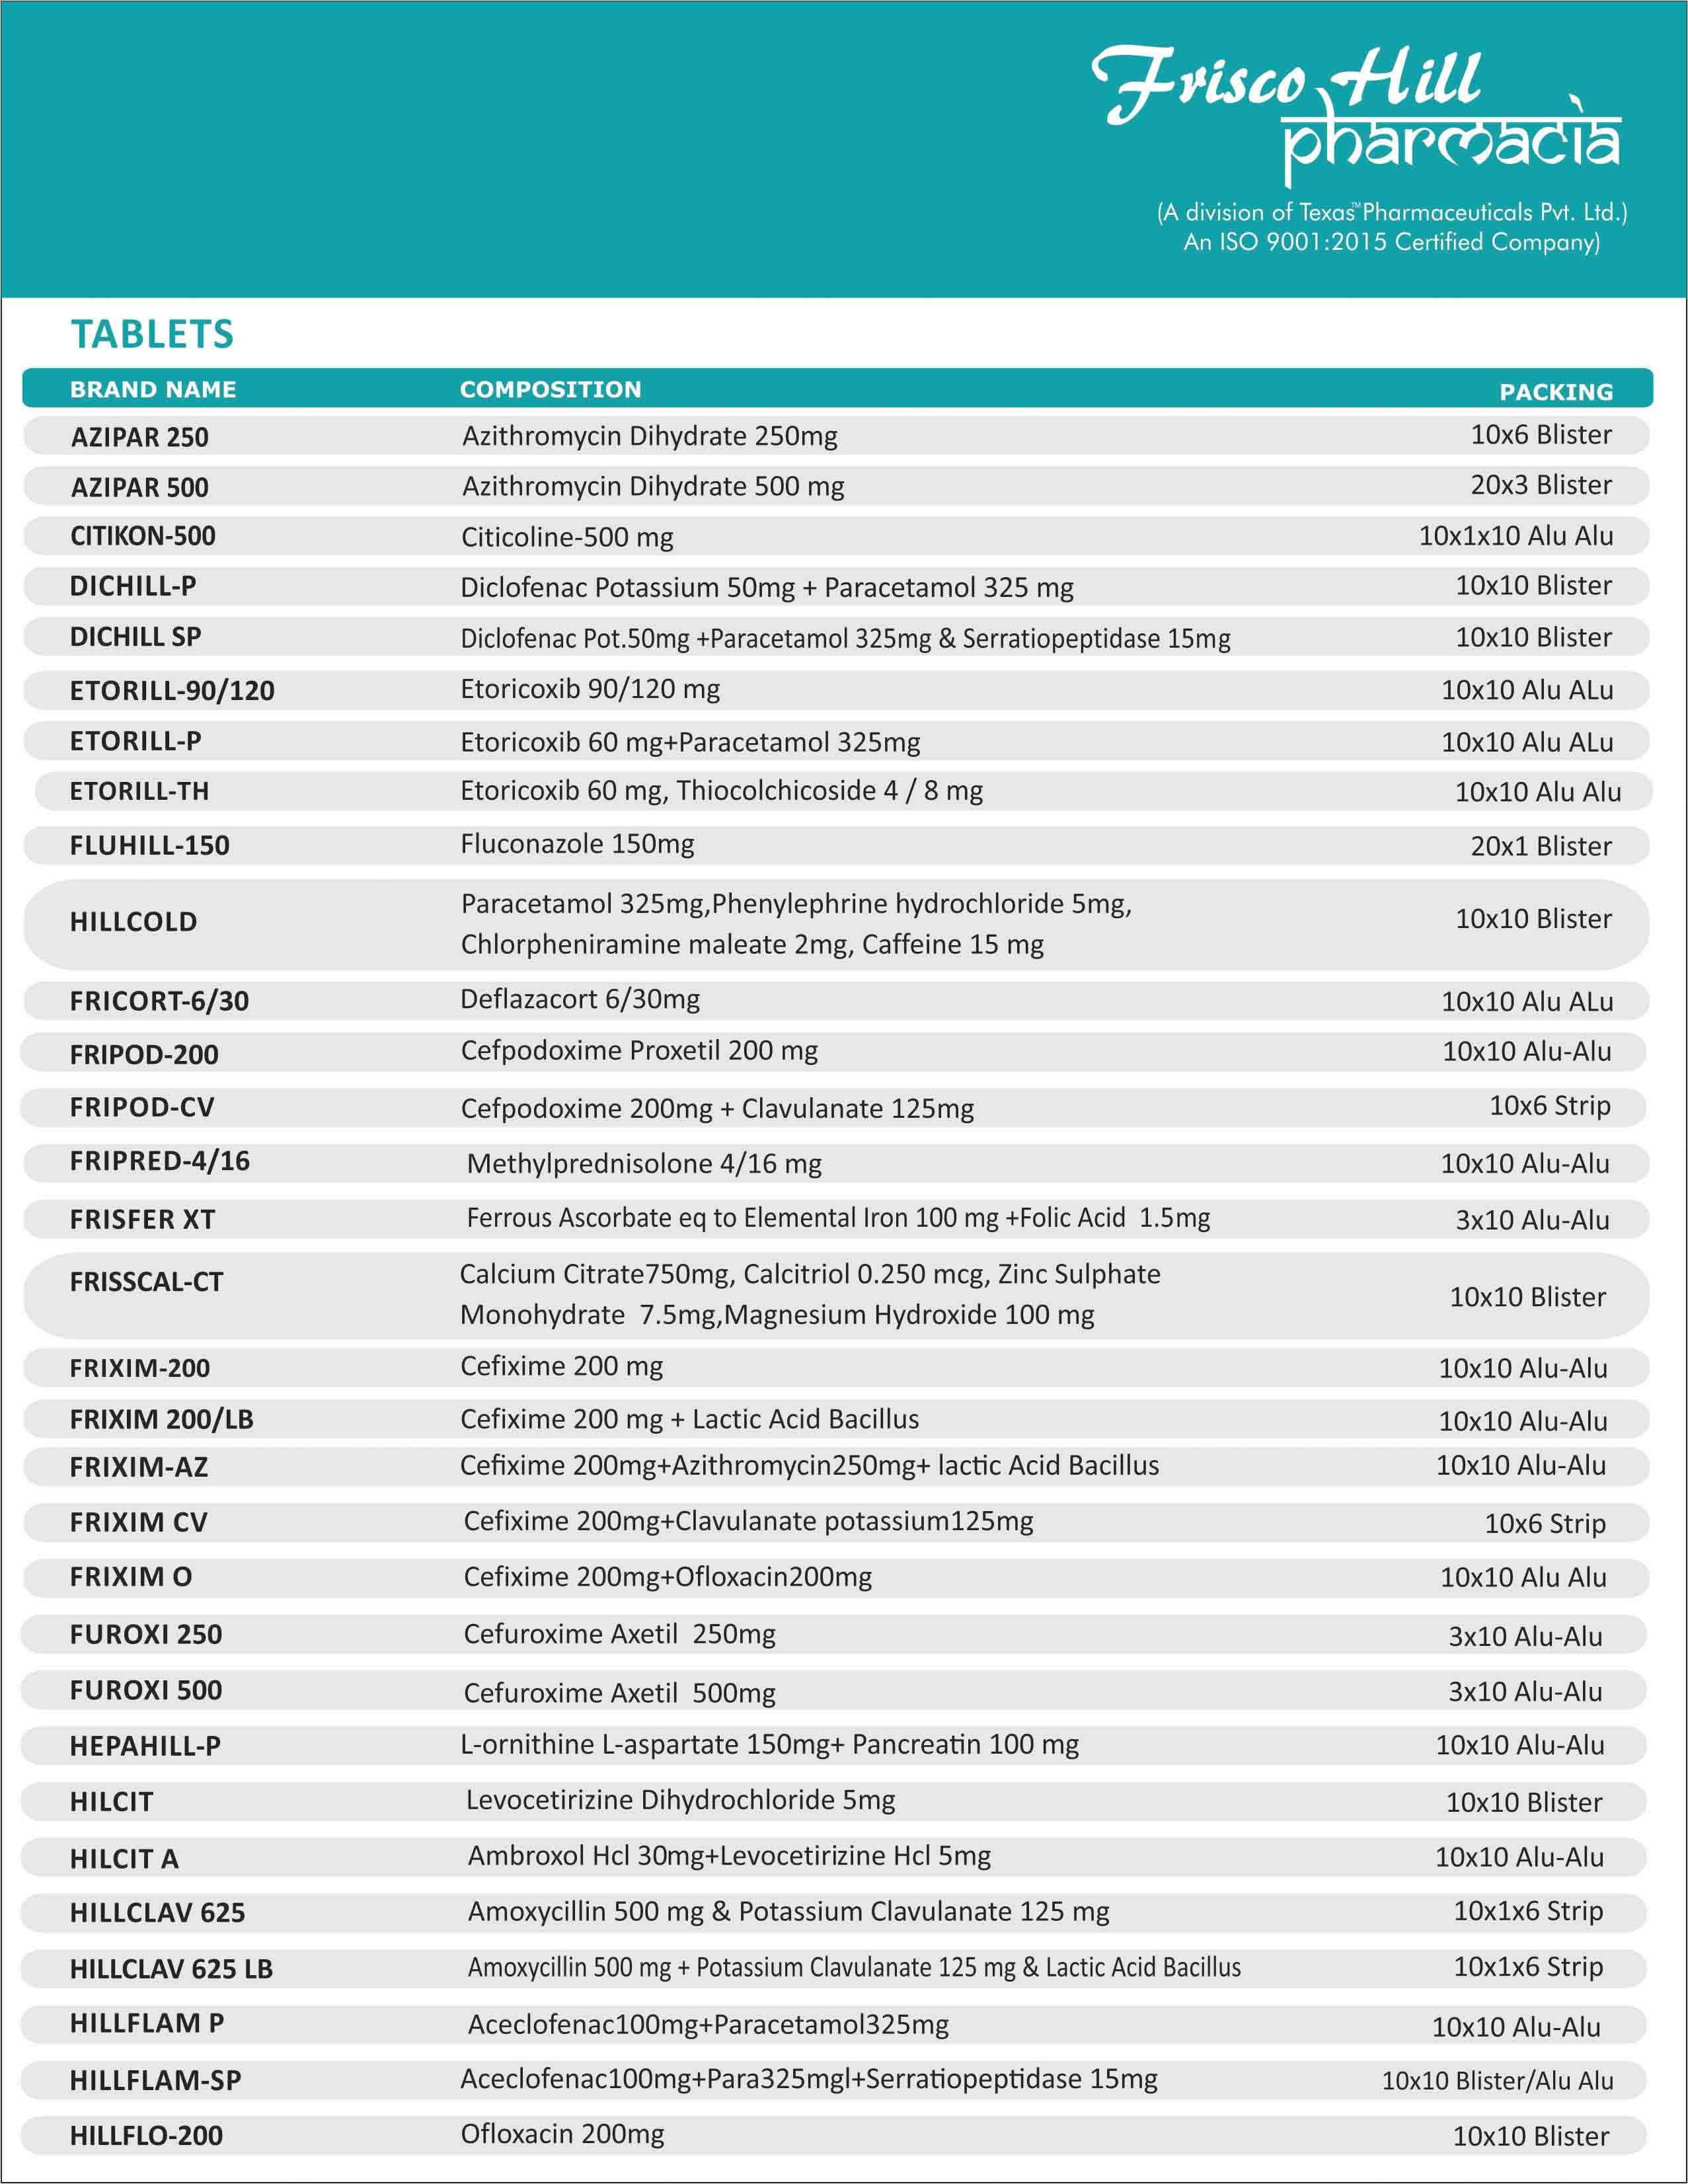 Tablets List